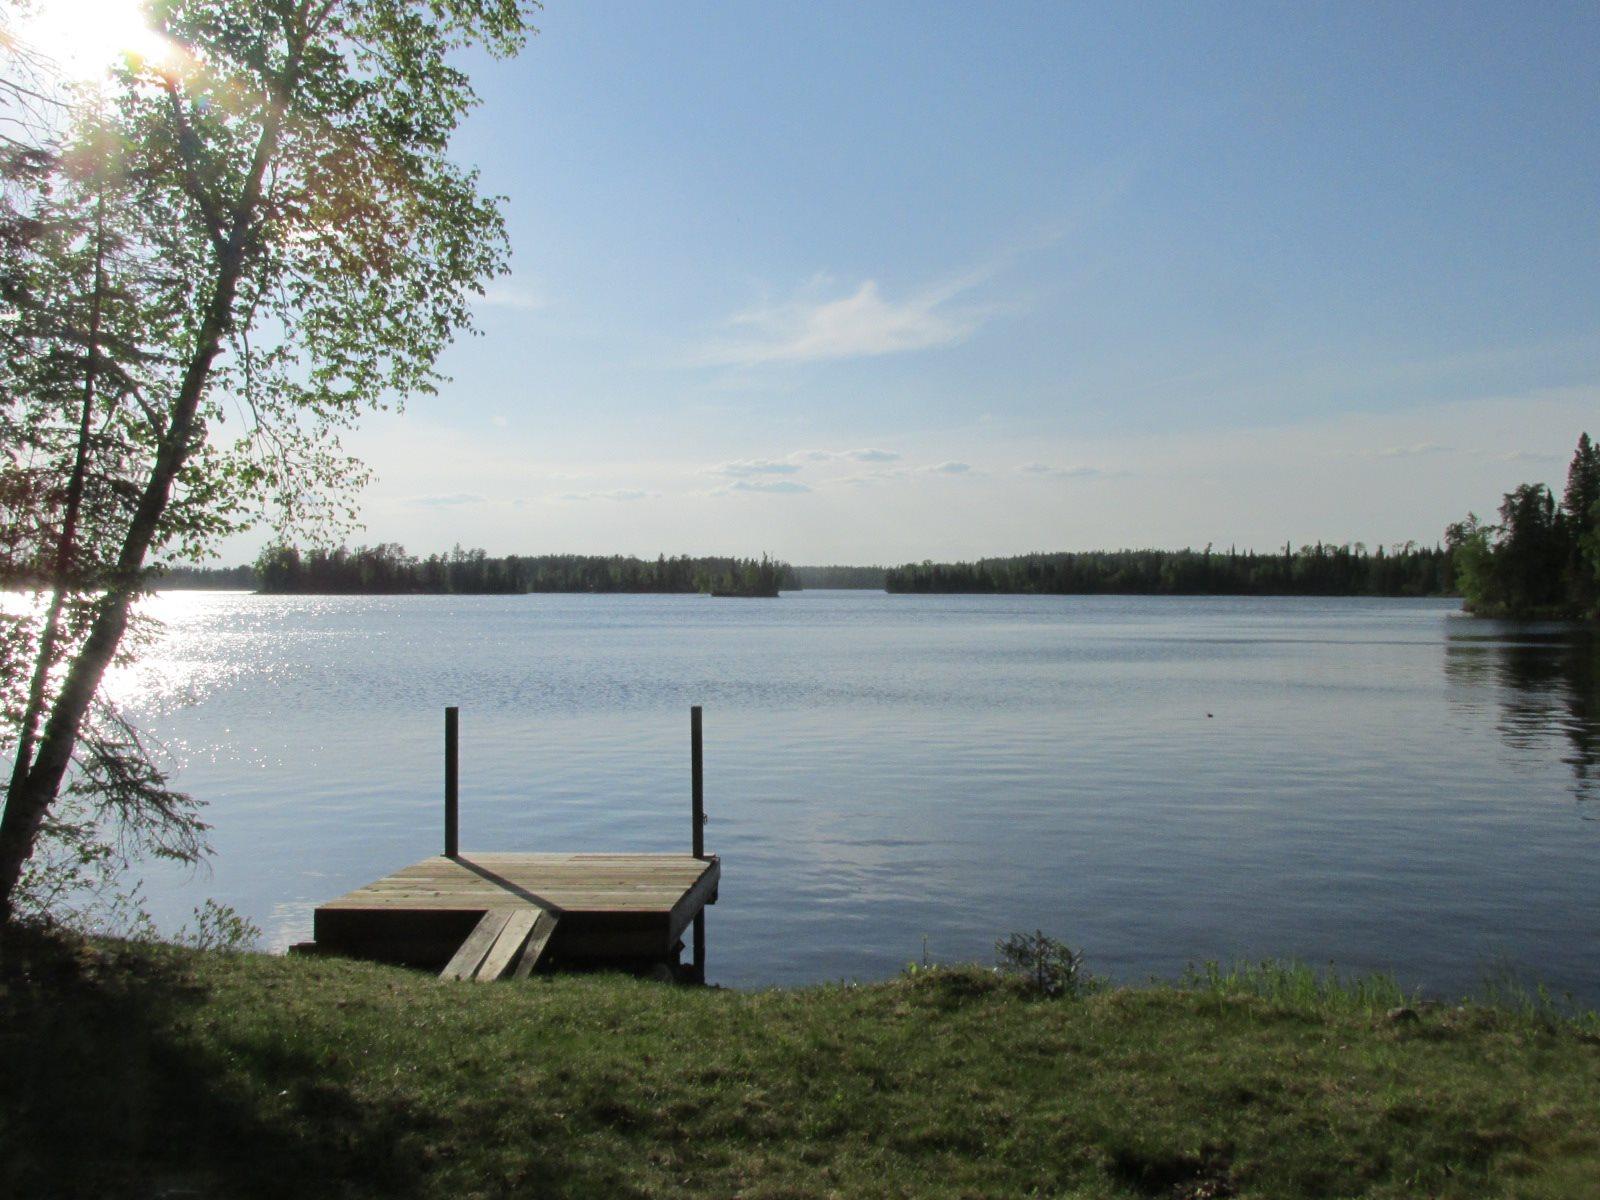 Lk580 Royal Lake